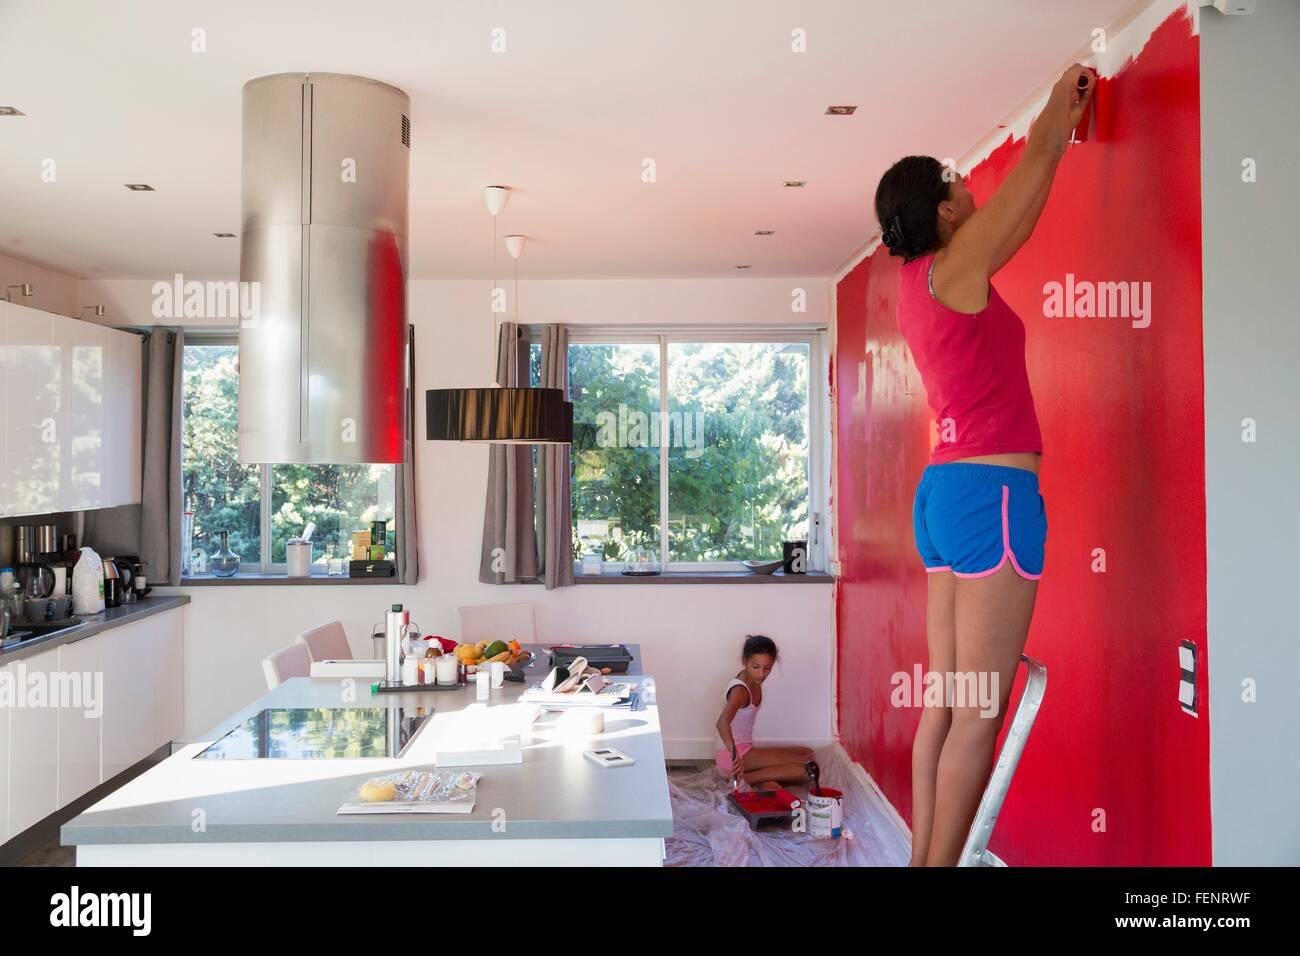 Ragazza madre e pittura parete cucina rosso con rulli di ...